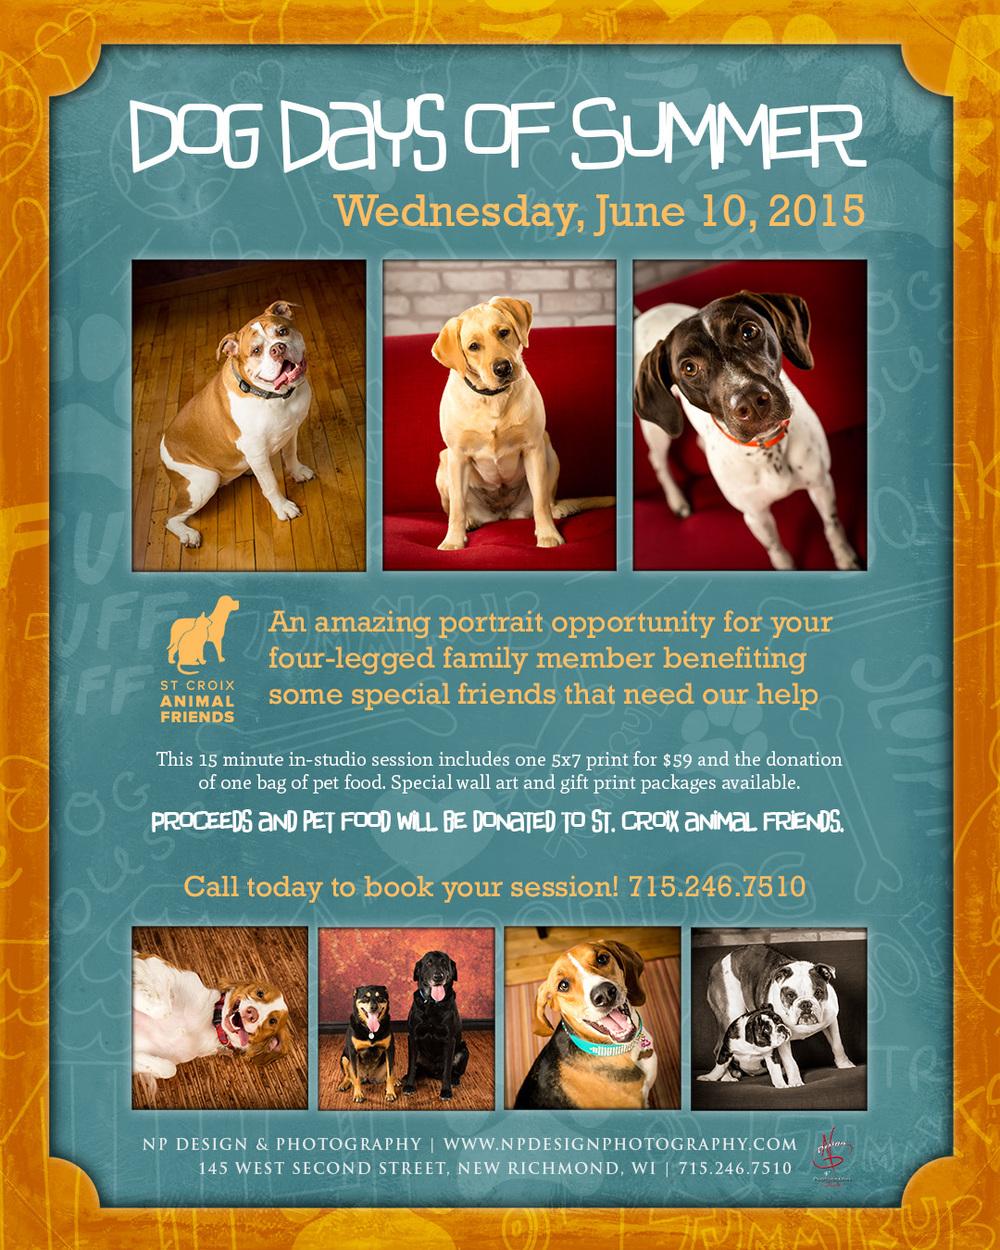 DogDaysofSummer2015